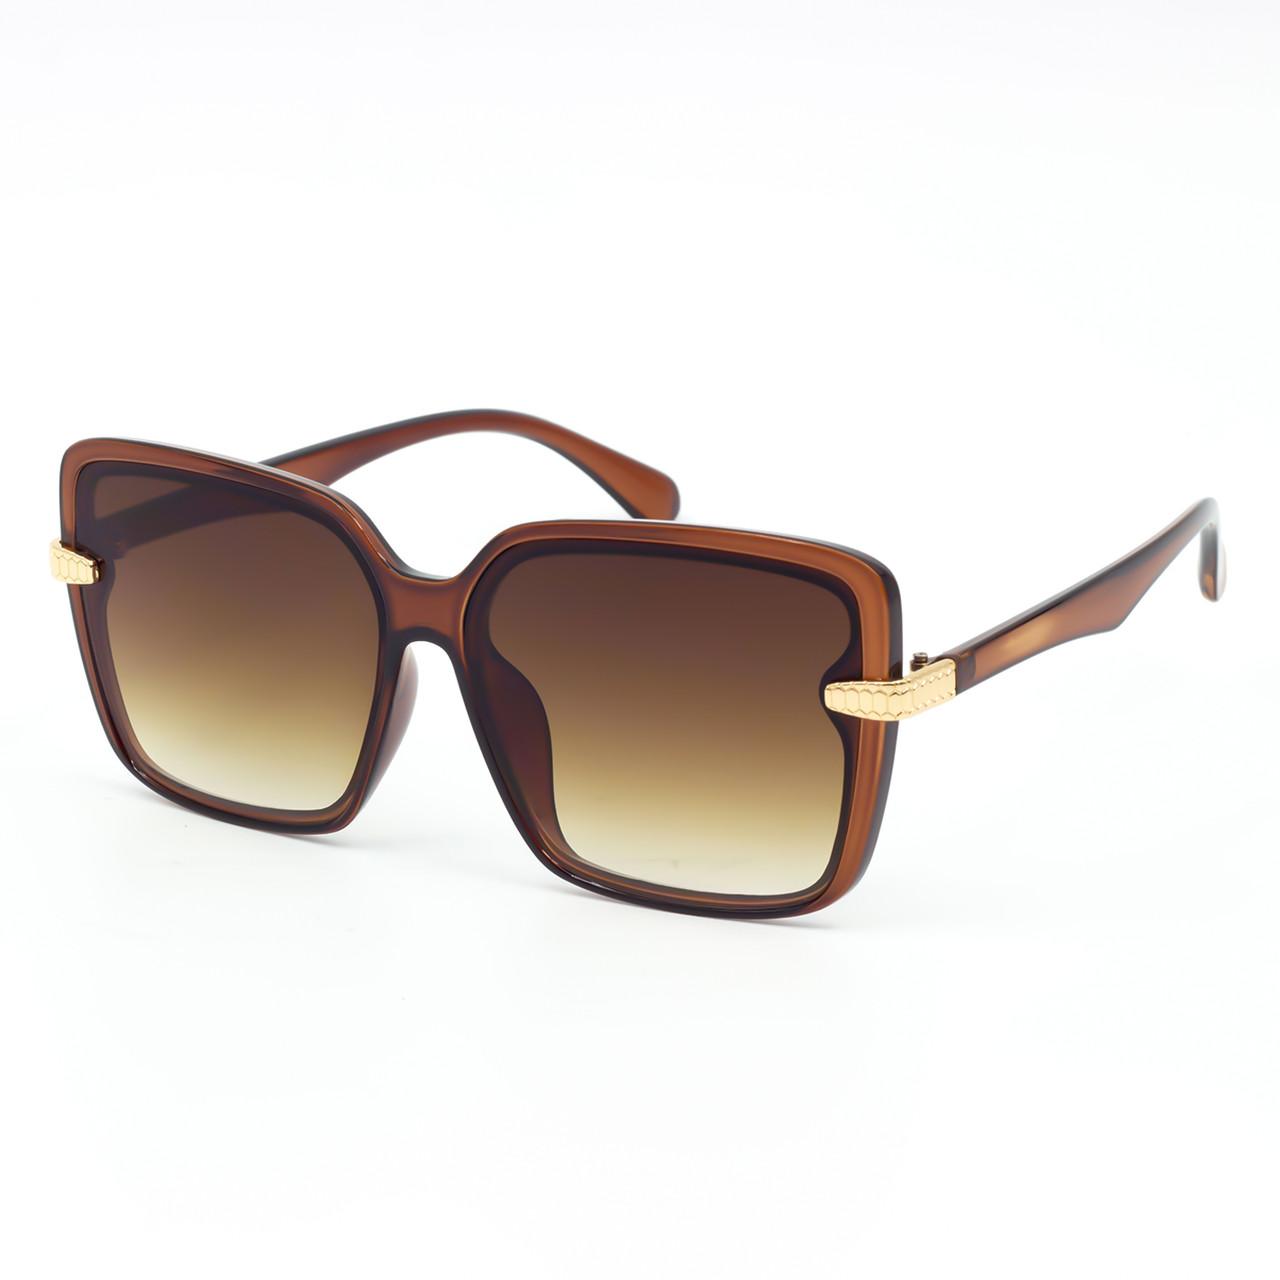 Сонцезахисні окуляри Marmilen 9134 C2 коричневі ( KA9134-02 )